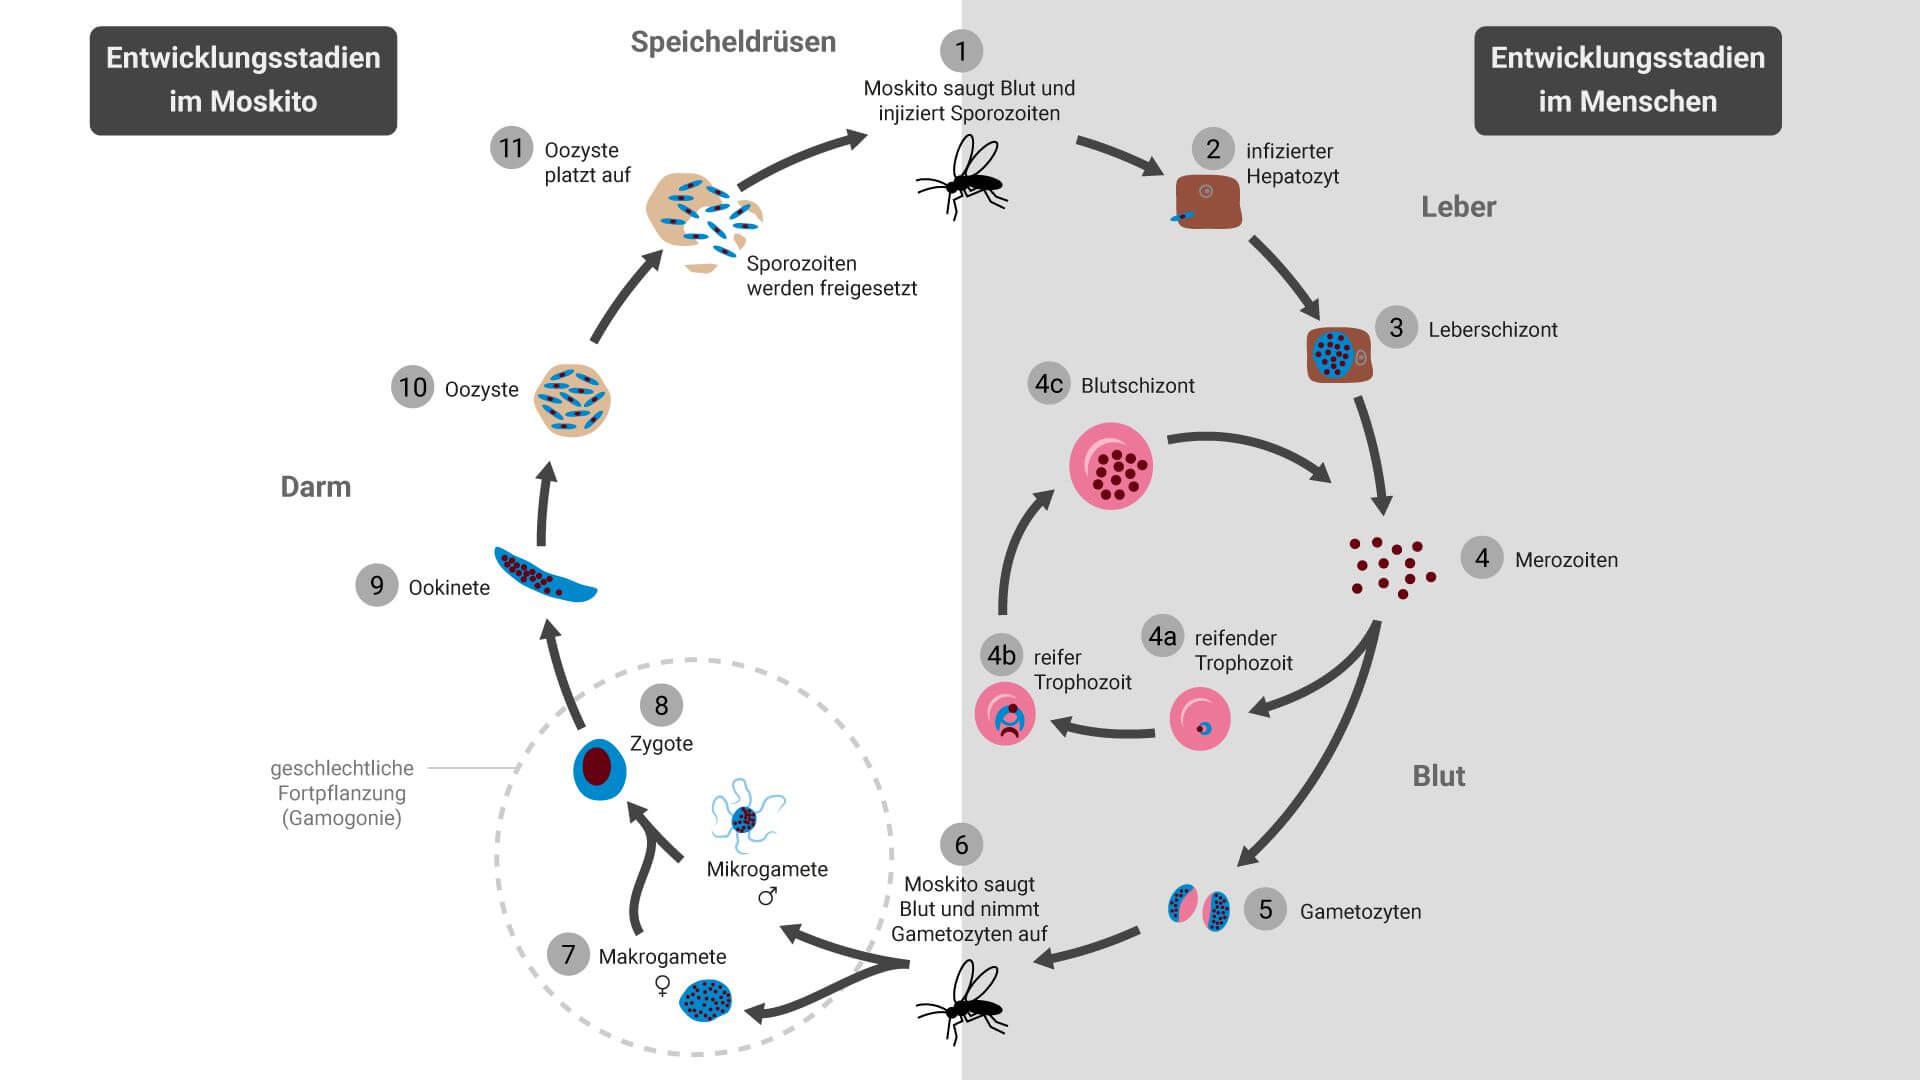 Entwicklungszyklus von Plasmodien